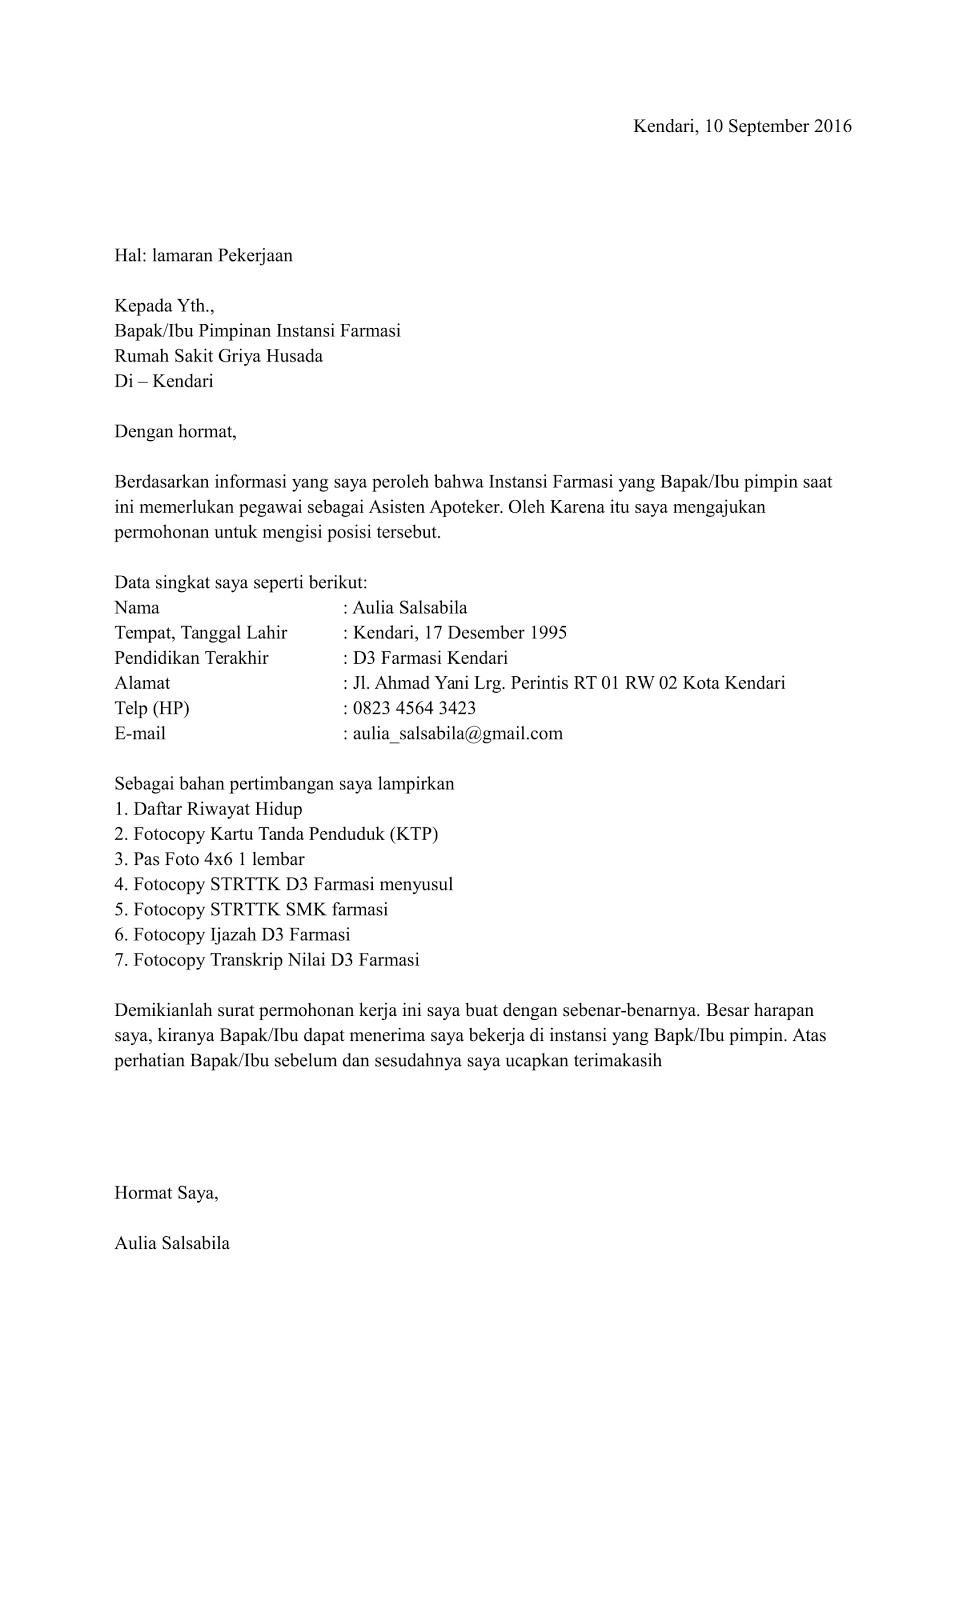 Contoh Surat Lamaran Kerja Di Klinik Kimia Farma